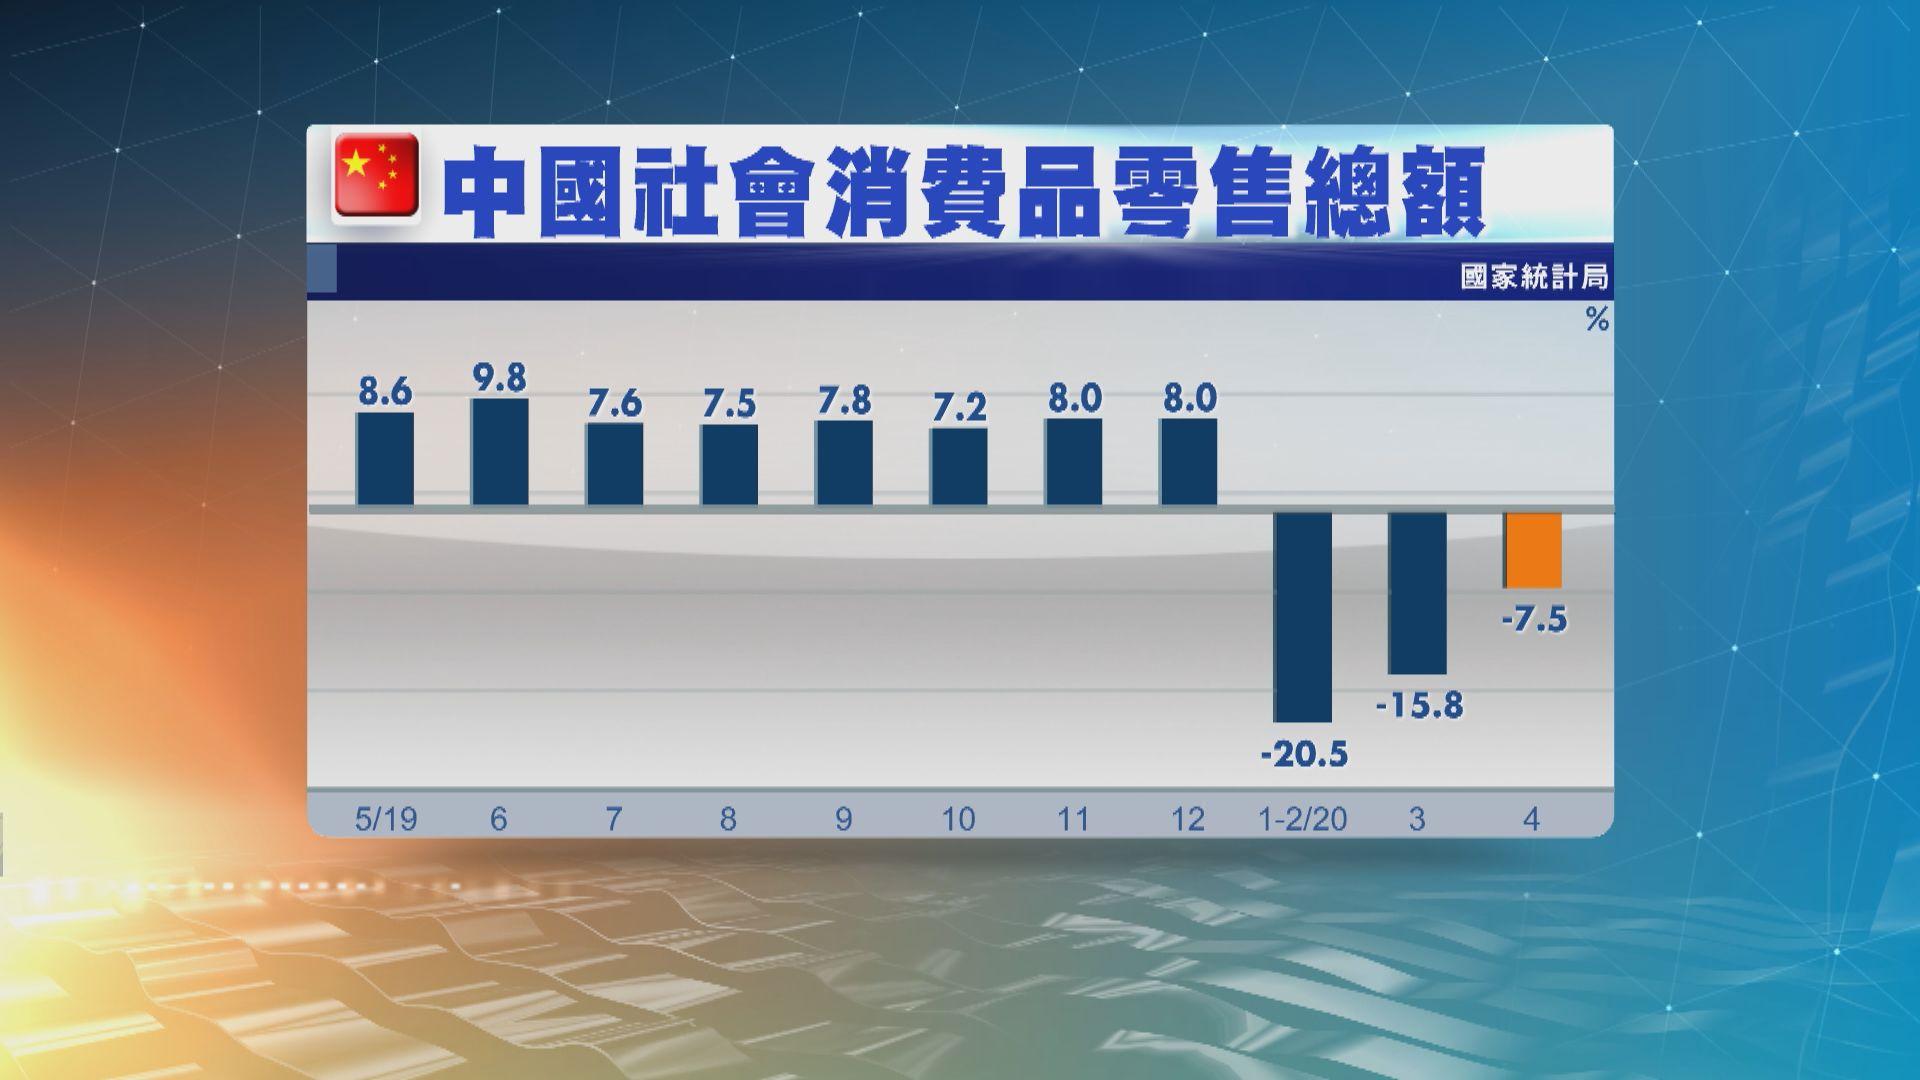 國統局:經濟穩定復甦仍面臨諸多挑戰